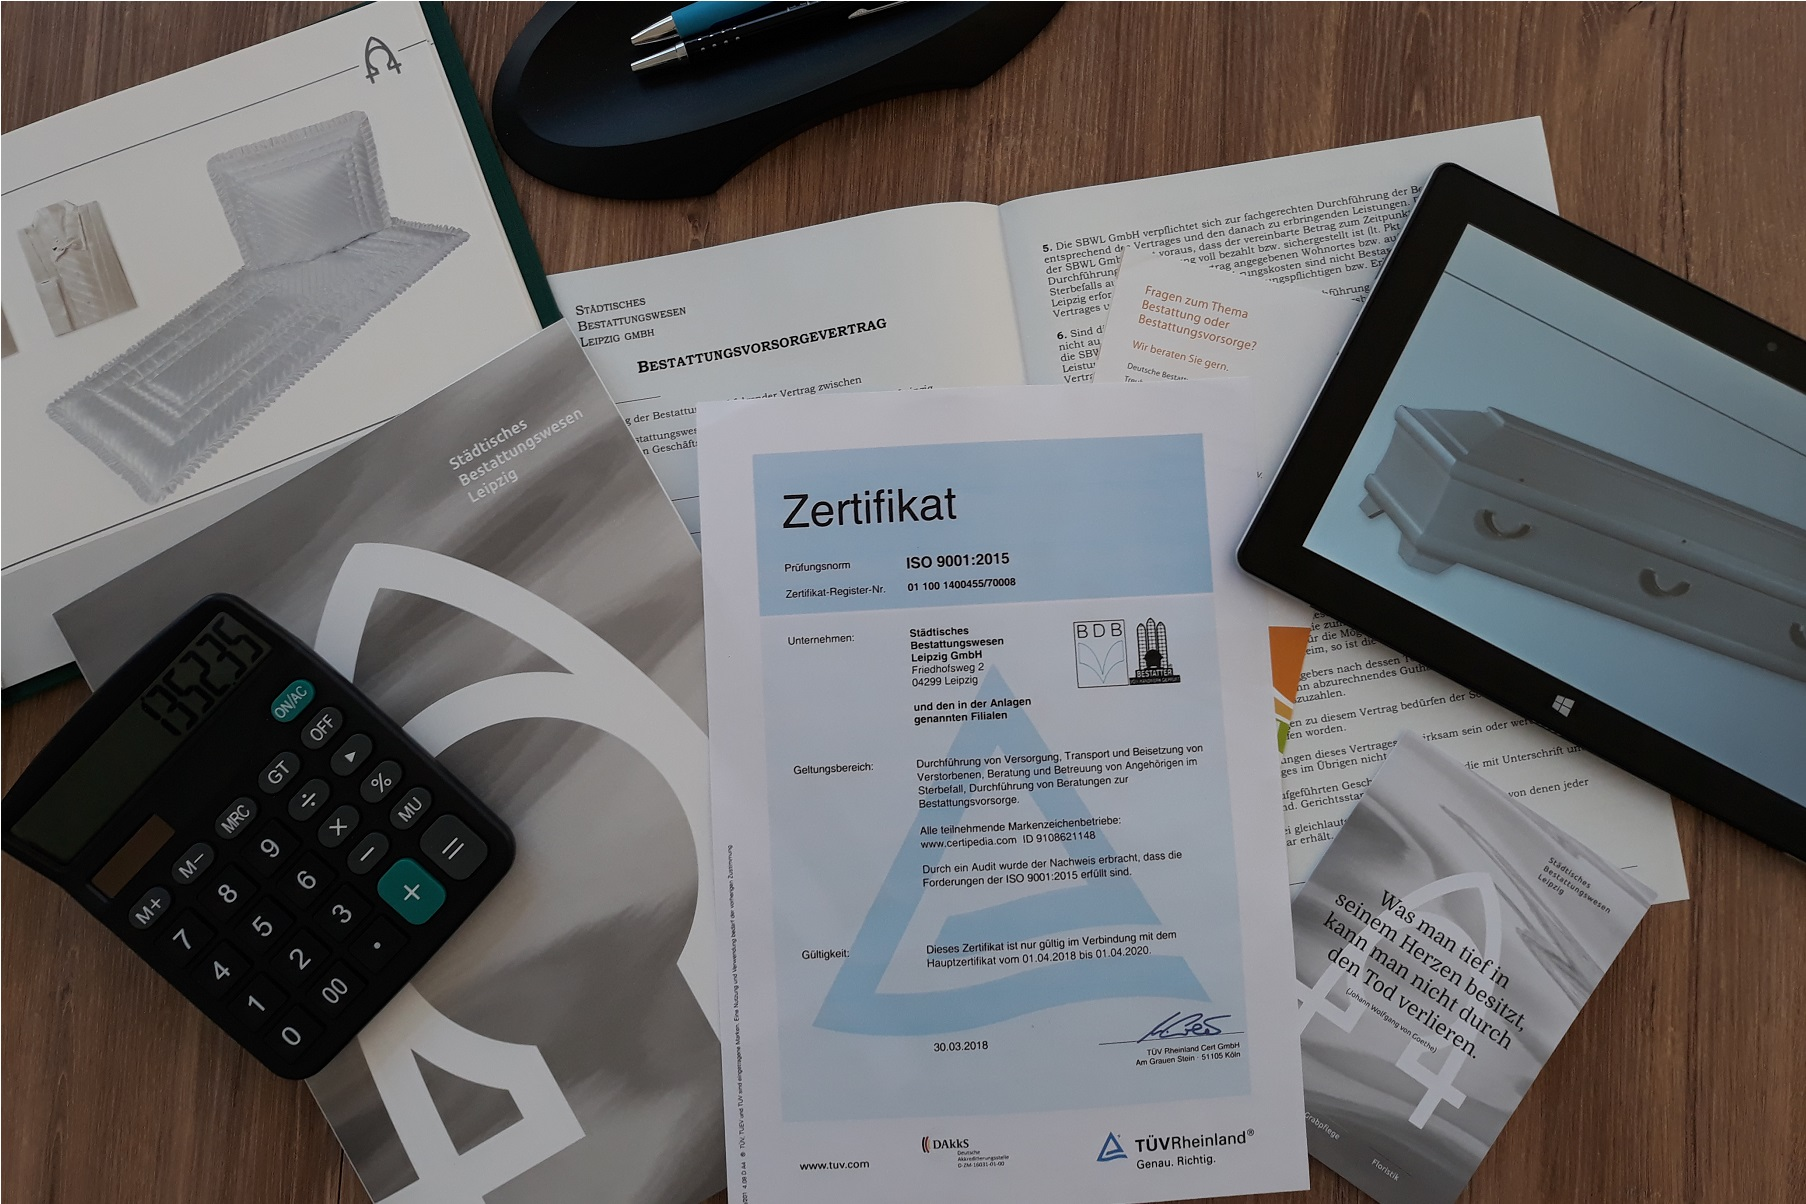 SBW Leipzig - BG - Zertifizierung - Markenzeichen